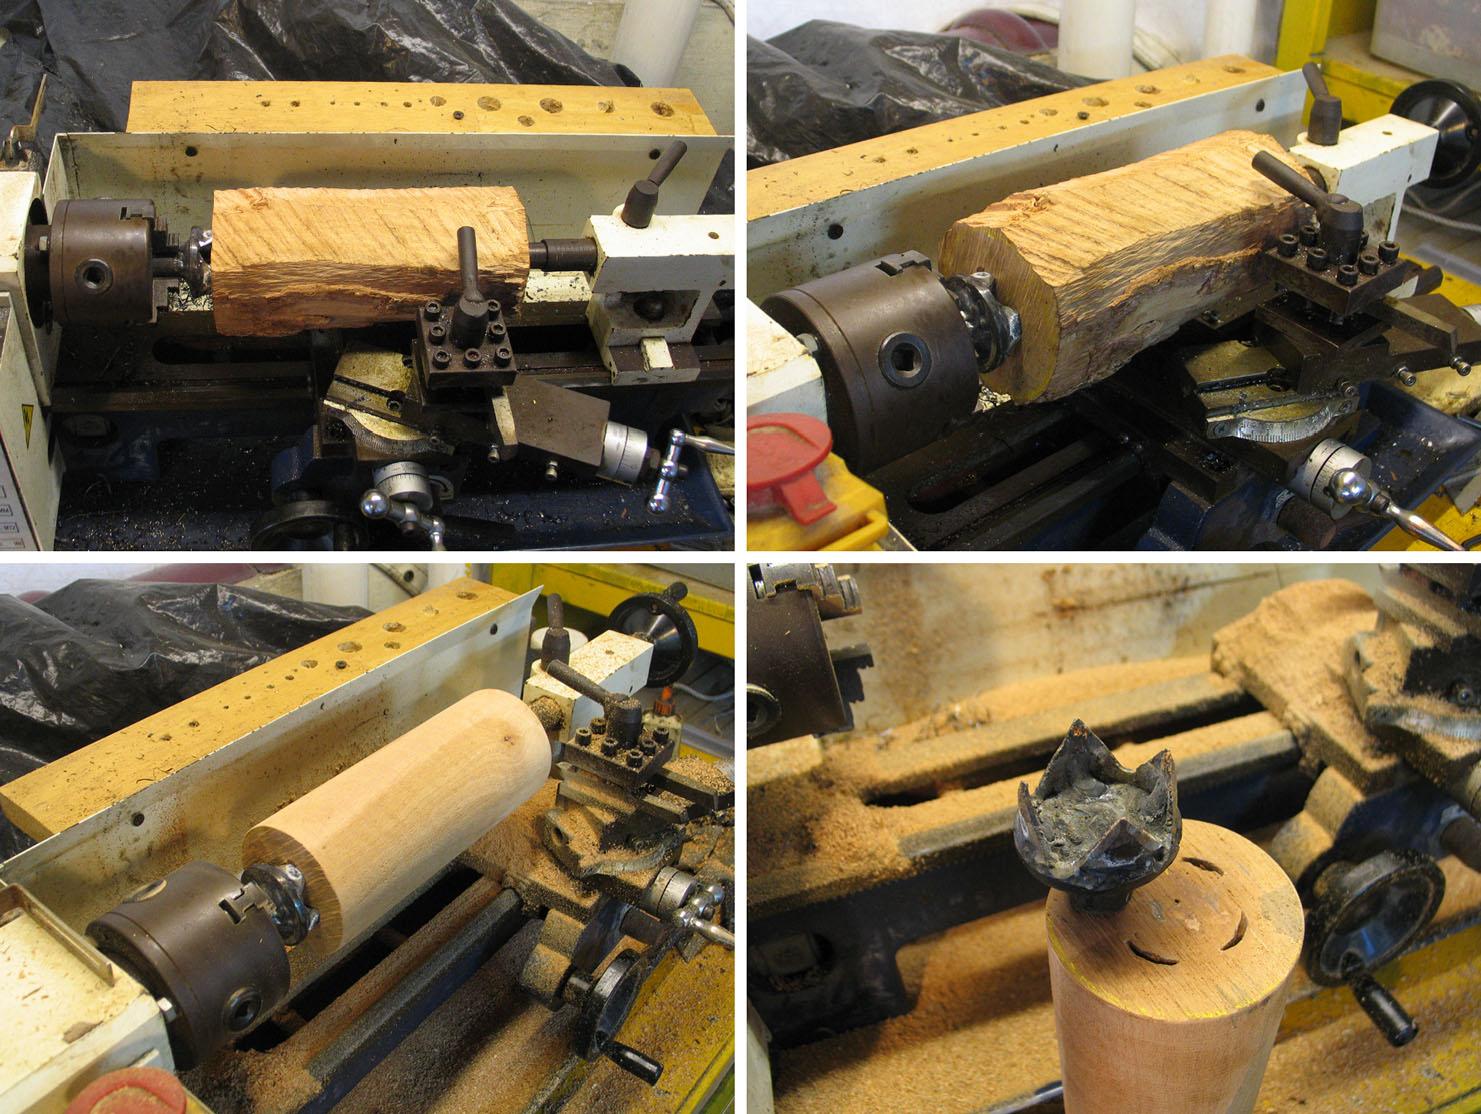 joli design mini lathe wood turning mini tour bois. Black Bedroom Furniture Sets. Home Design Ideas